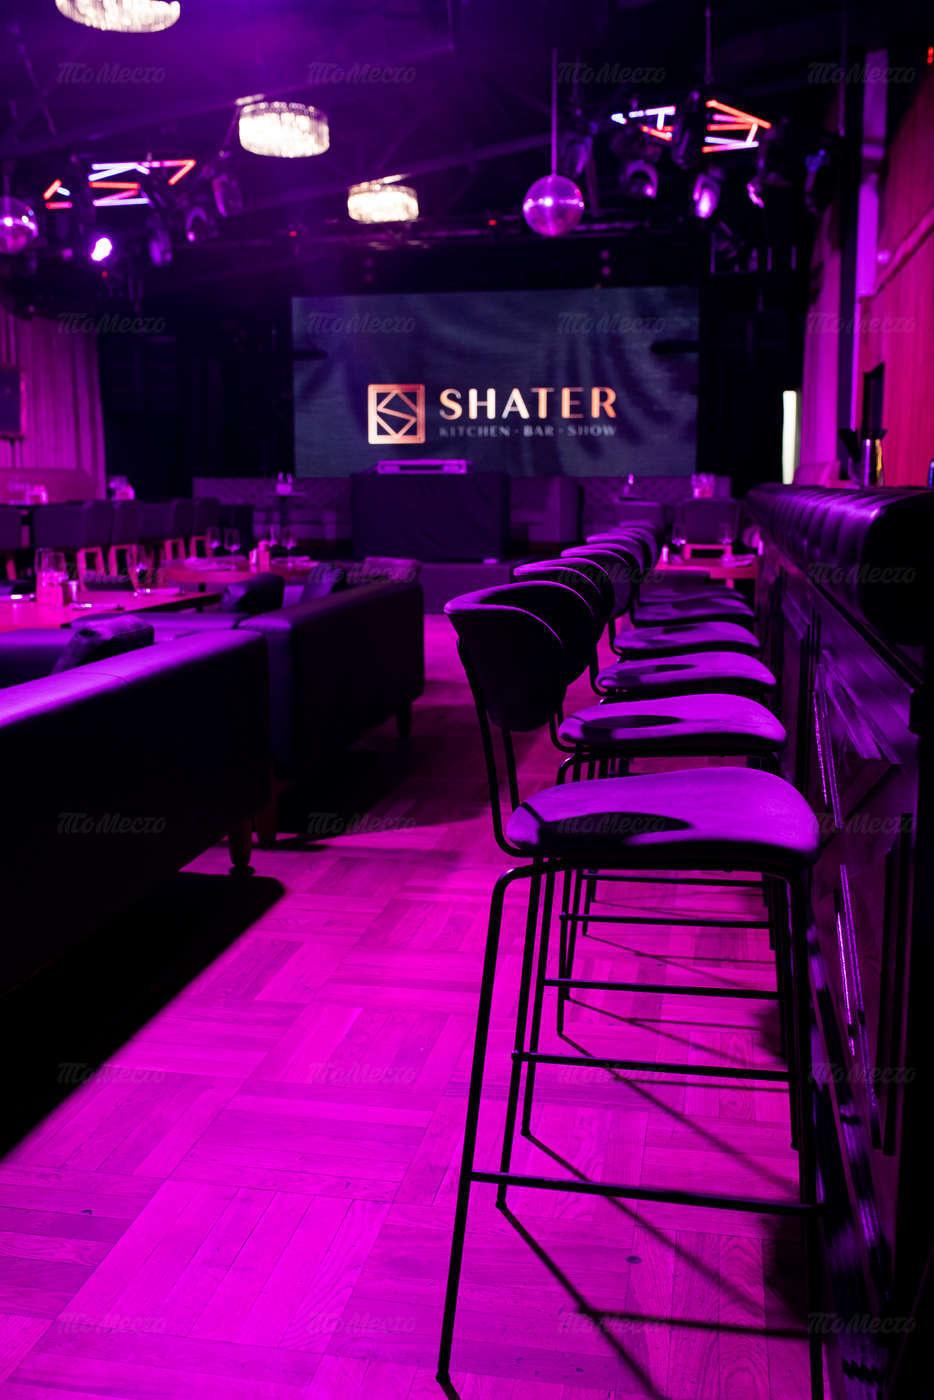 Ресторан Шатер 2.0 (Shater) на Итальянской улице фото 19